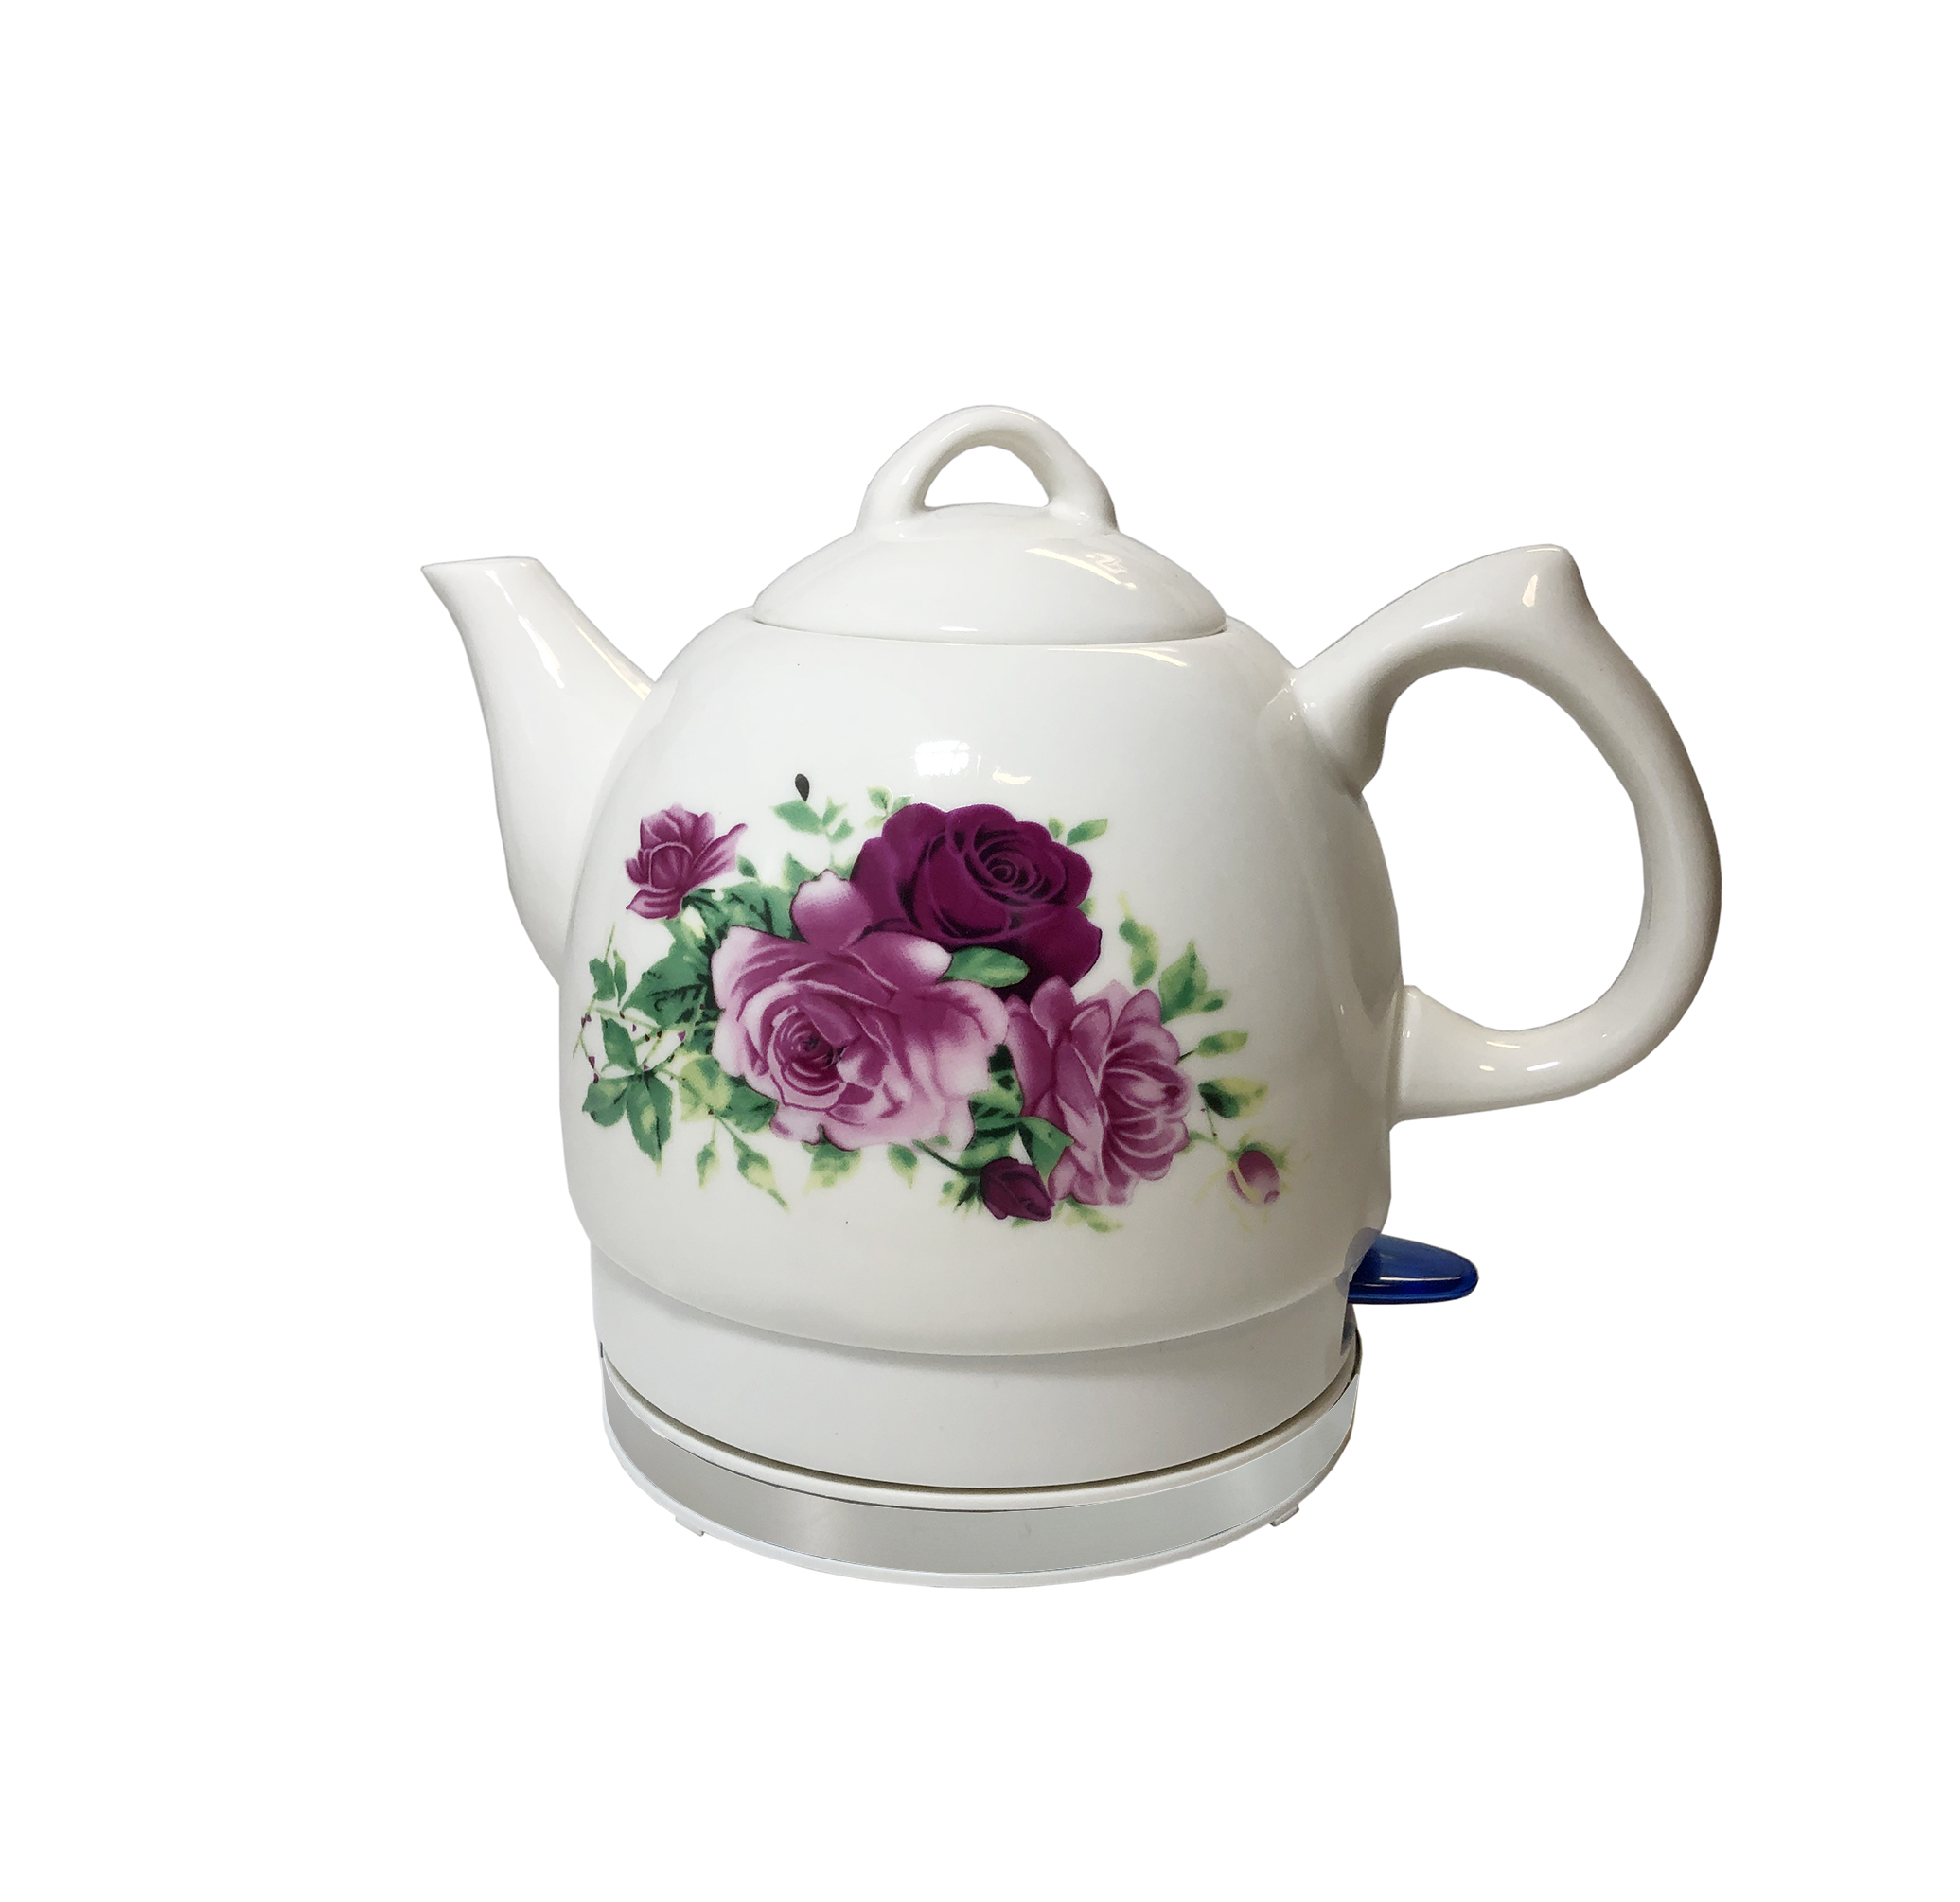 Electirc Ceramic Kettle Electric Ceramic Teapot Rose Ceramic